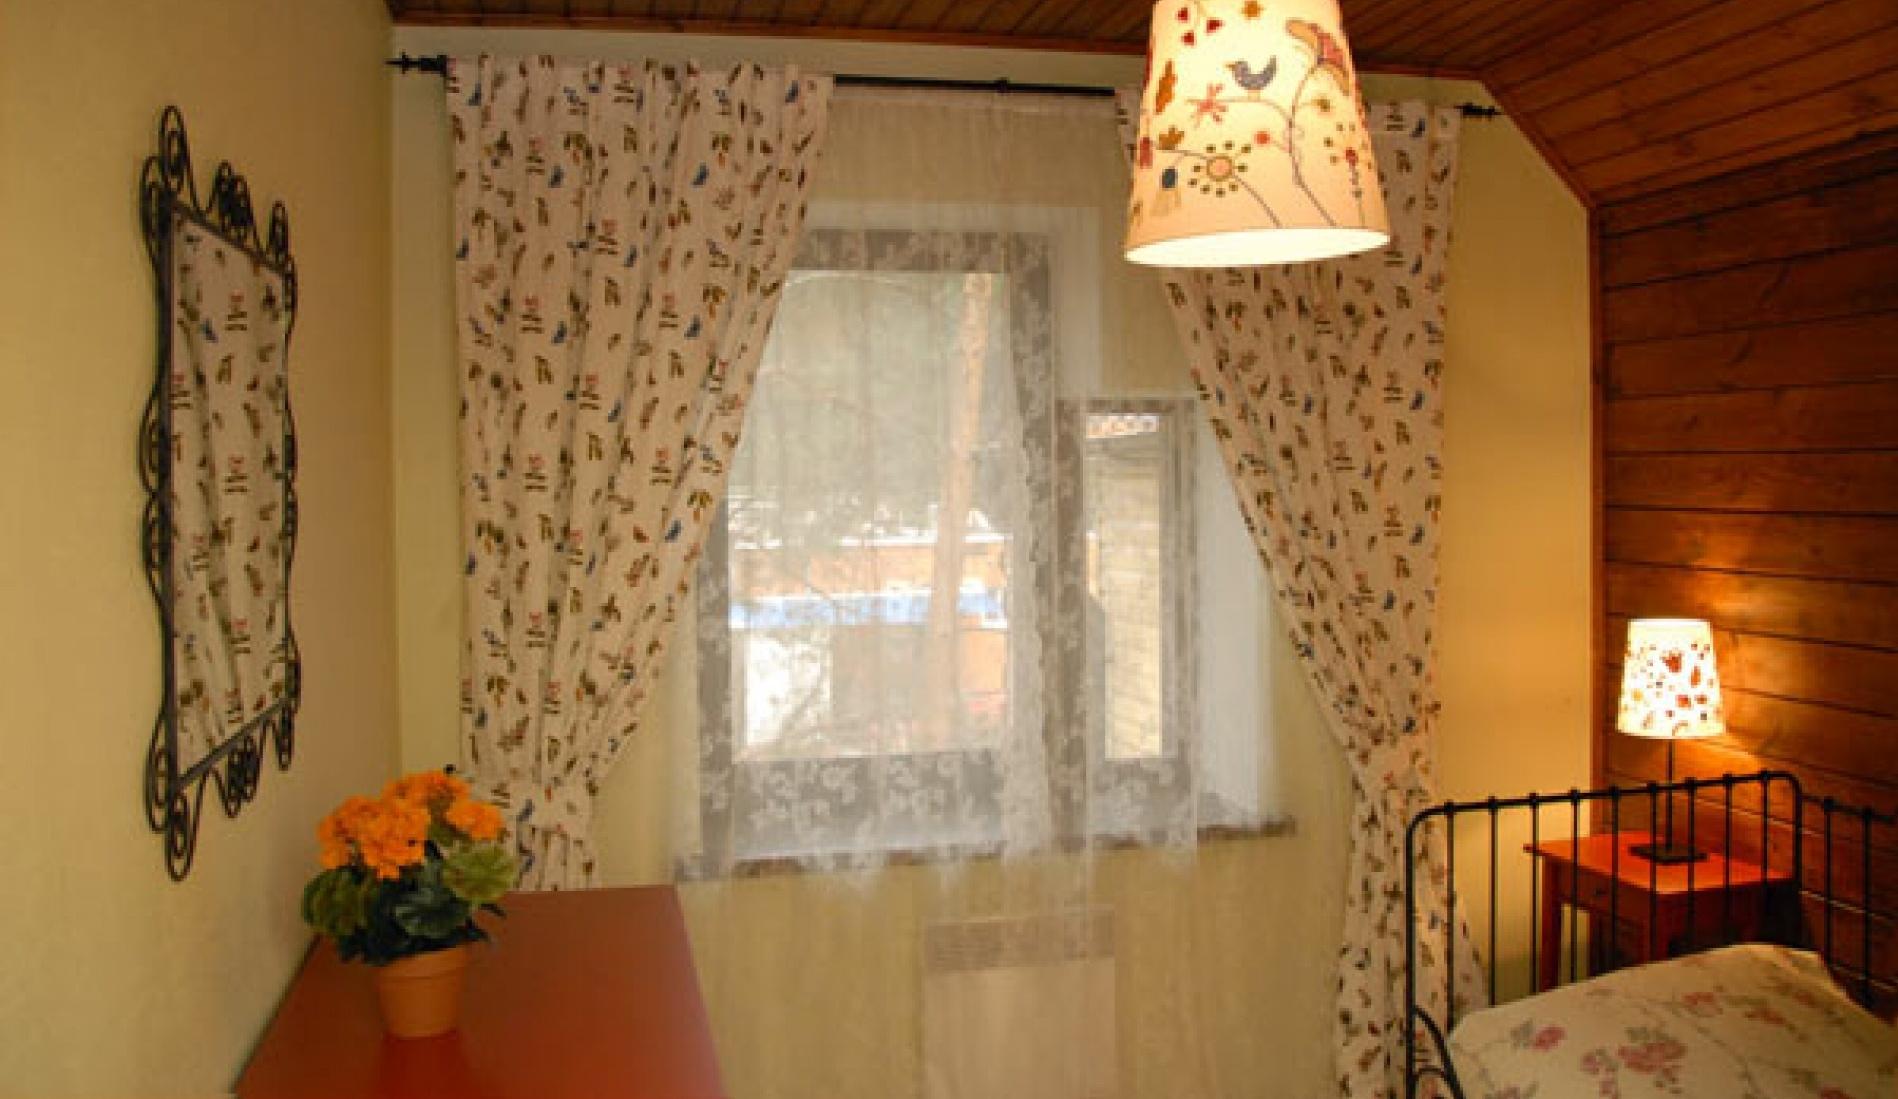 Гостиничный комплекс «Две реки» Белгородская область Номер 3-местный в корпусе «Медовый», фото 3